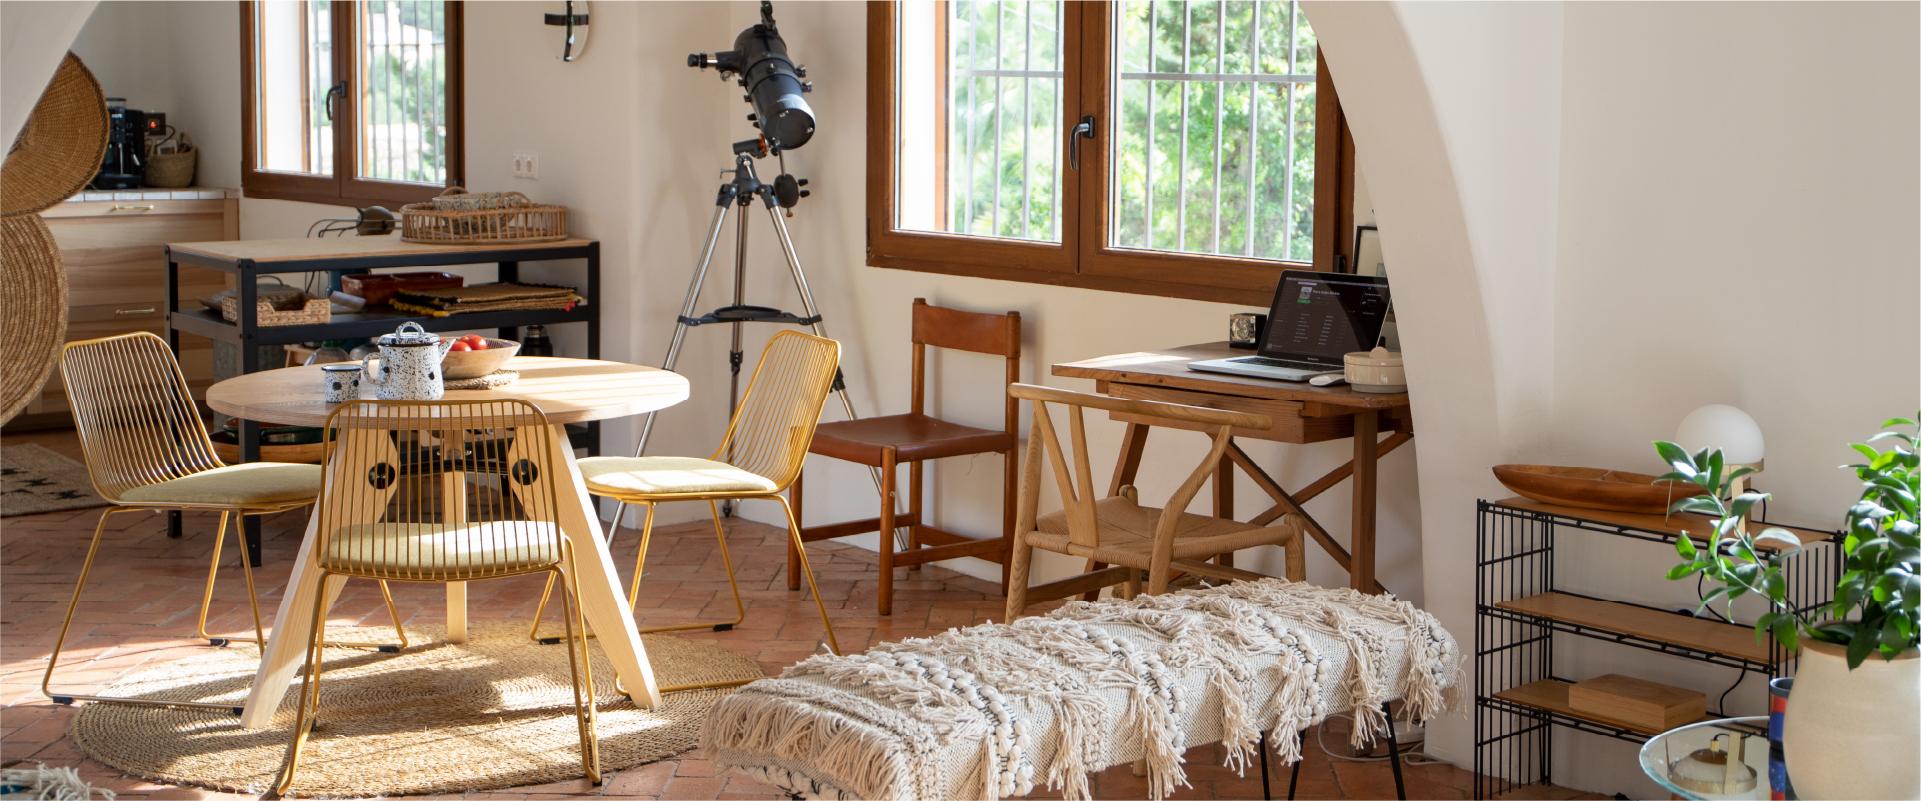 Arredamento Cucina Stile Nordico amaca kotga